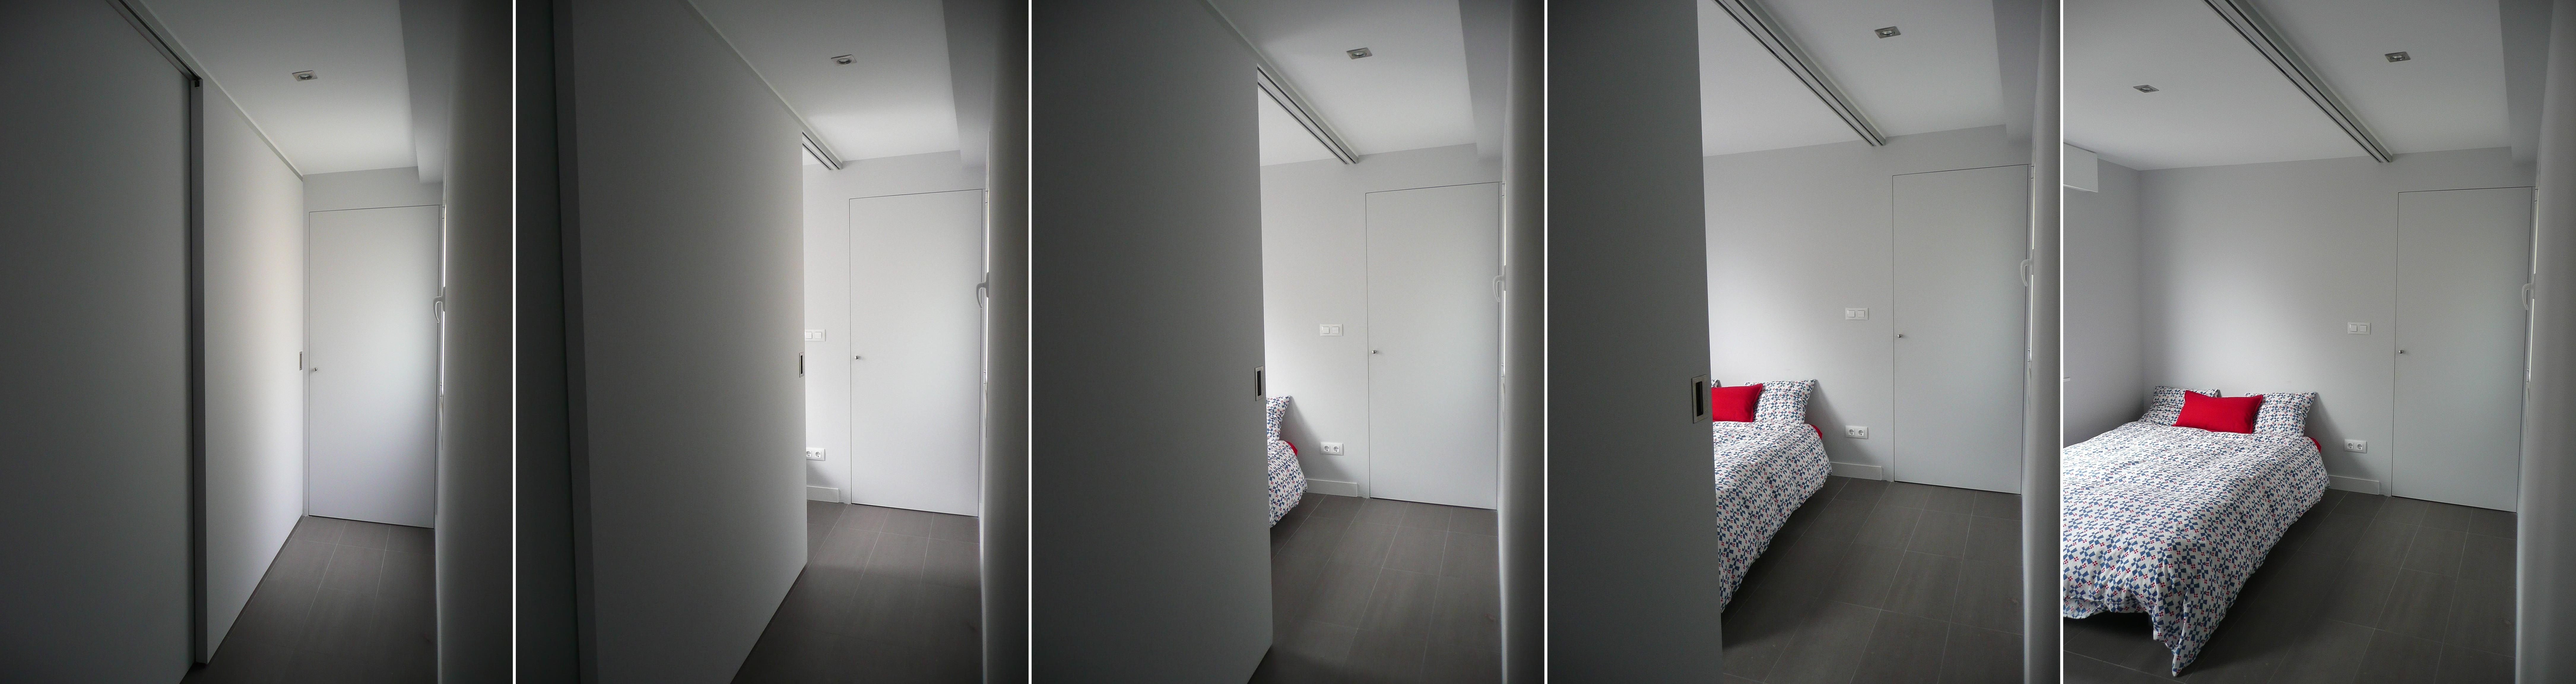 Grandes puertas correderas parai ncorporar espacios la - Puertas correderas grandes ...